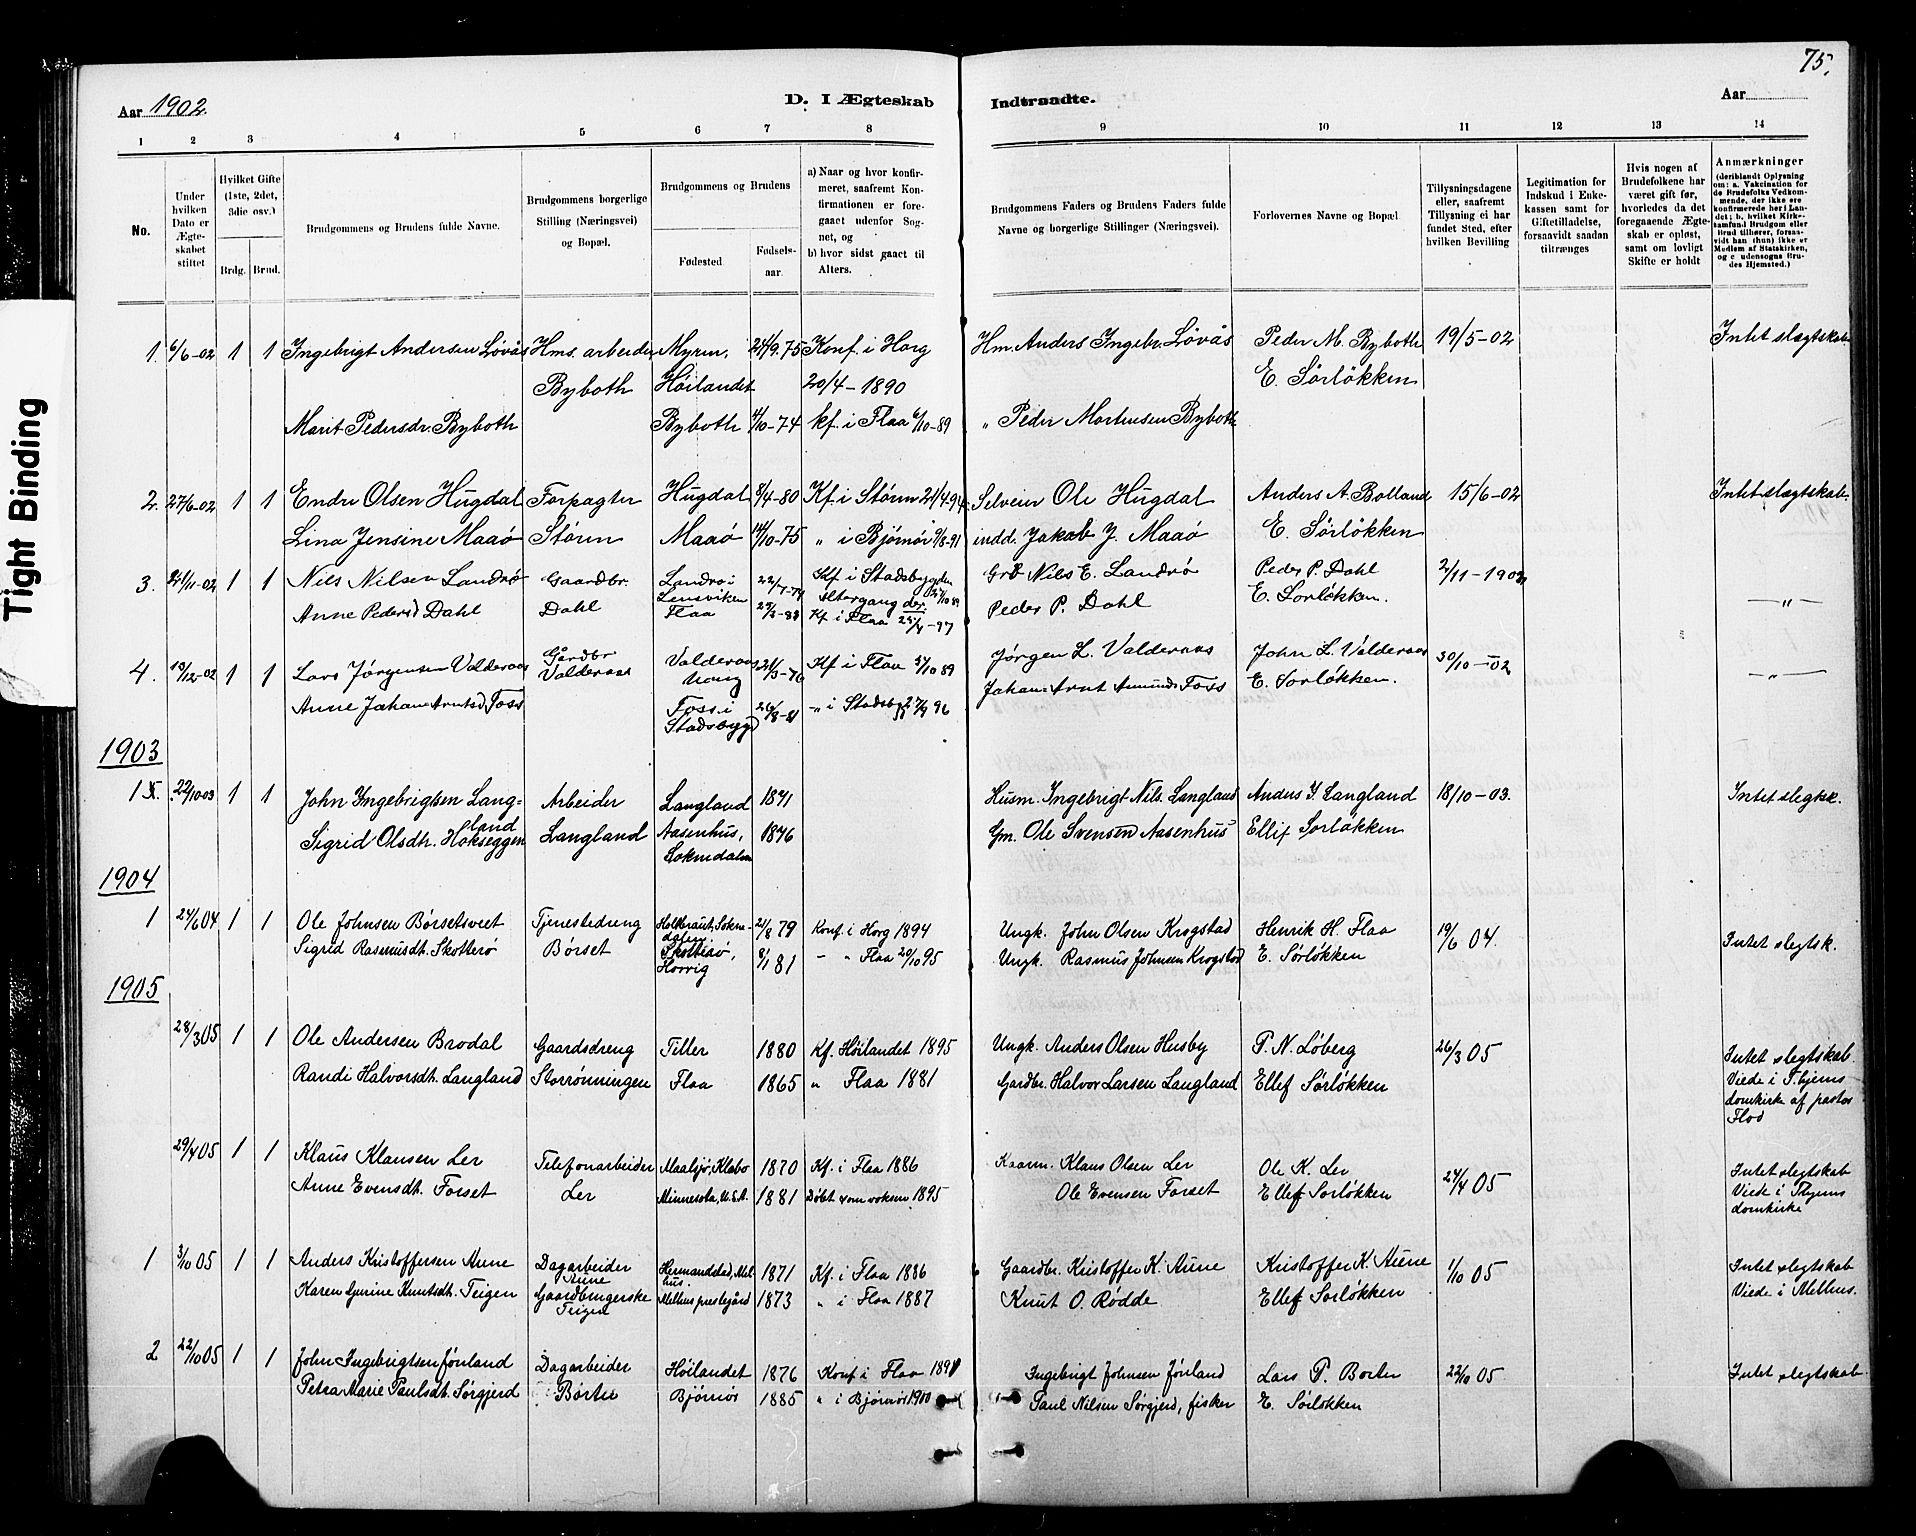 SAT, Ministerialprotokoller, klokkerbøker og fødselsregistre - Sør-Trøndelag, 693/L1123: Klokkerbok nr. 693C04, 1887-1910, s. 75